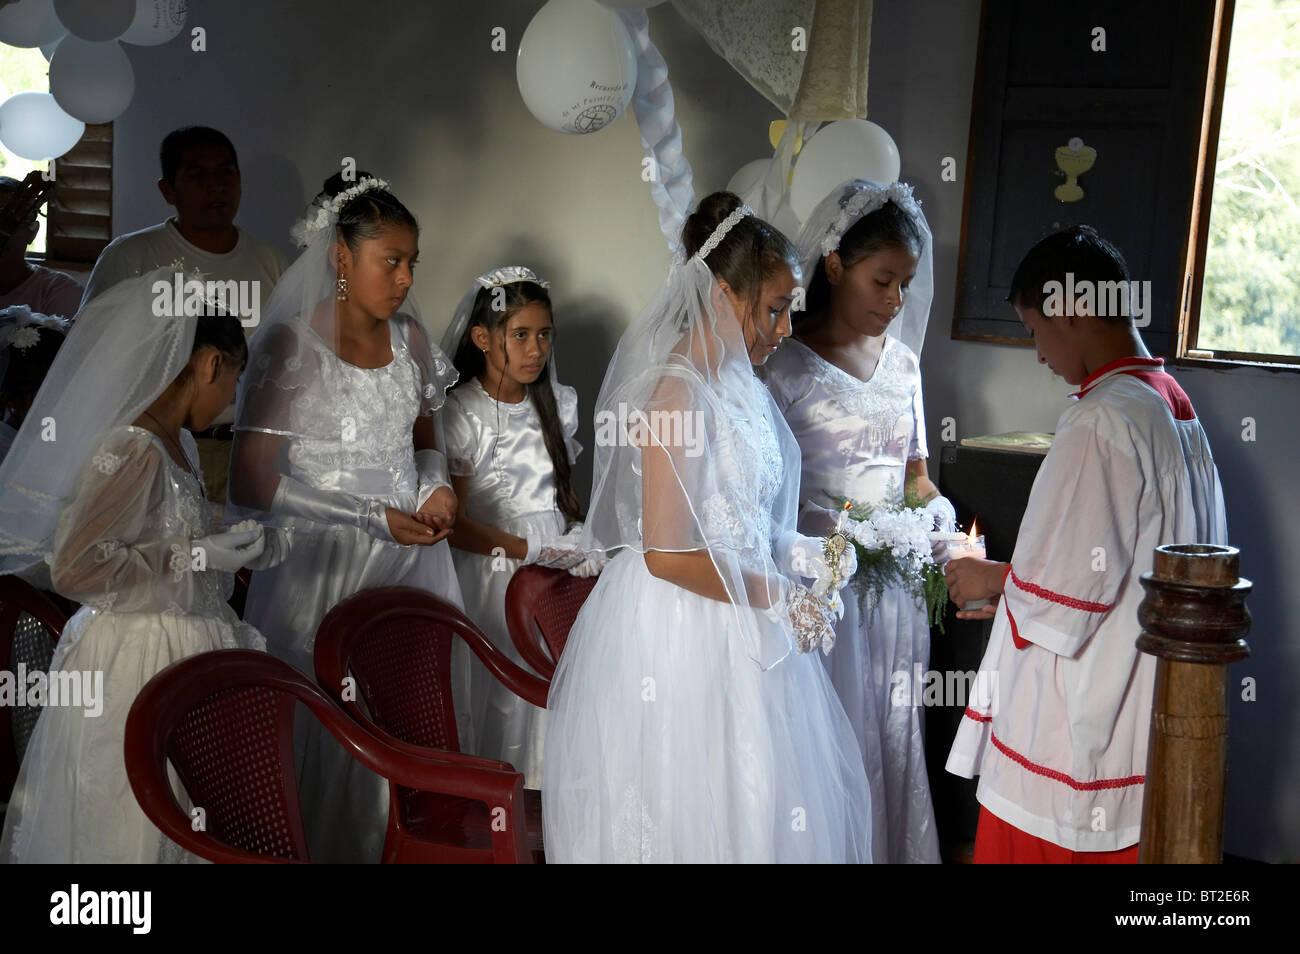 Kc4756 Painet chico niños kids guatemala primera misa católica el comunión y en remate peten monaguillo luces Foto de stock